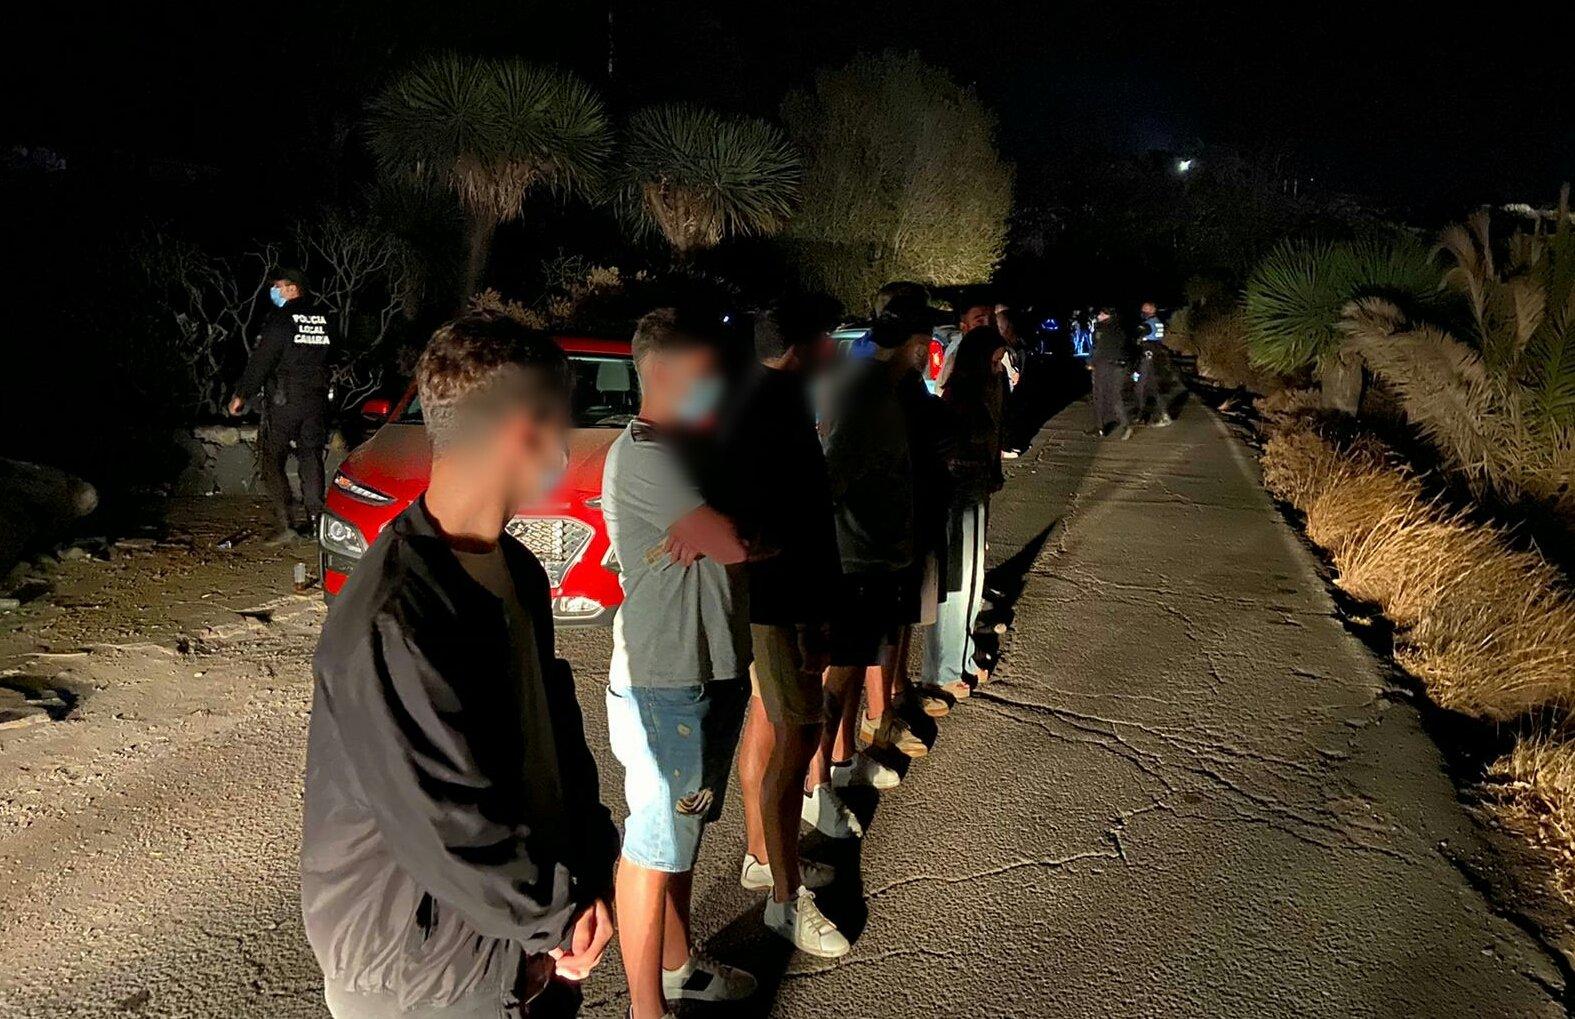 La Policía Local de Santa Cruz de Tenerife levanta actas a jóvenes en botellón